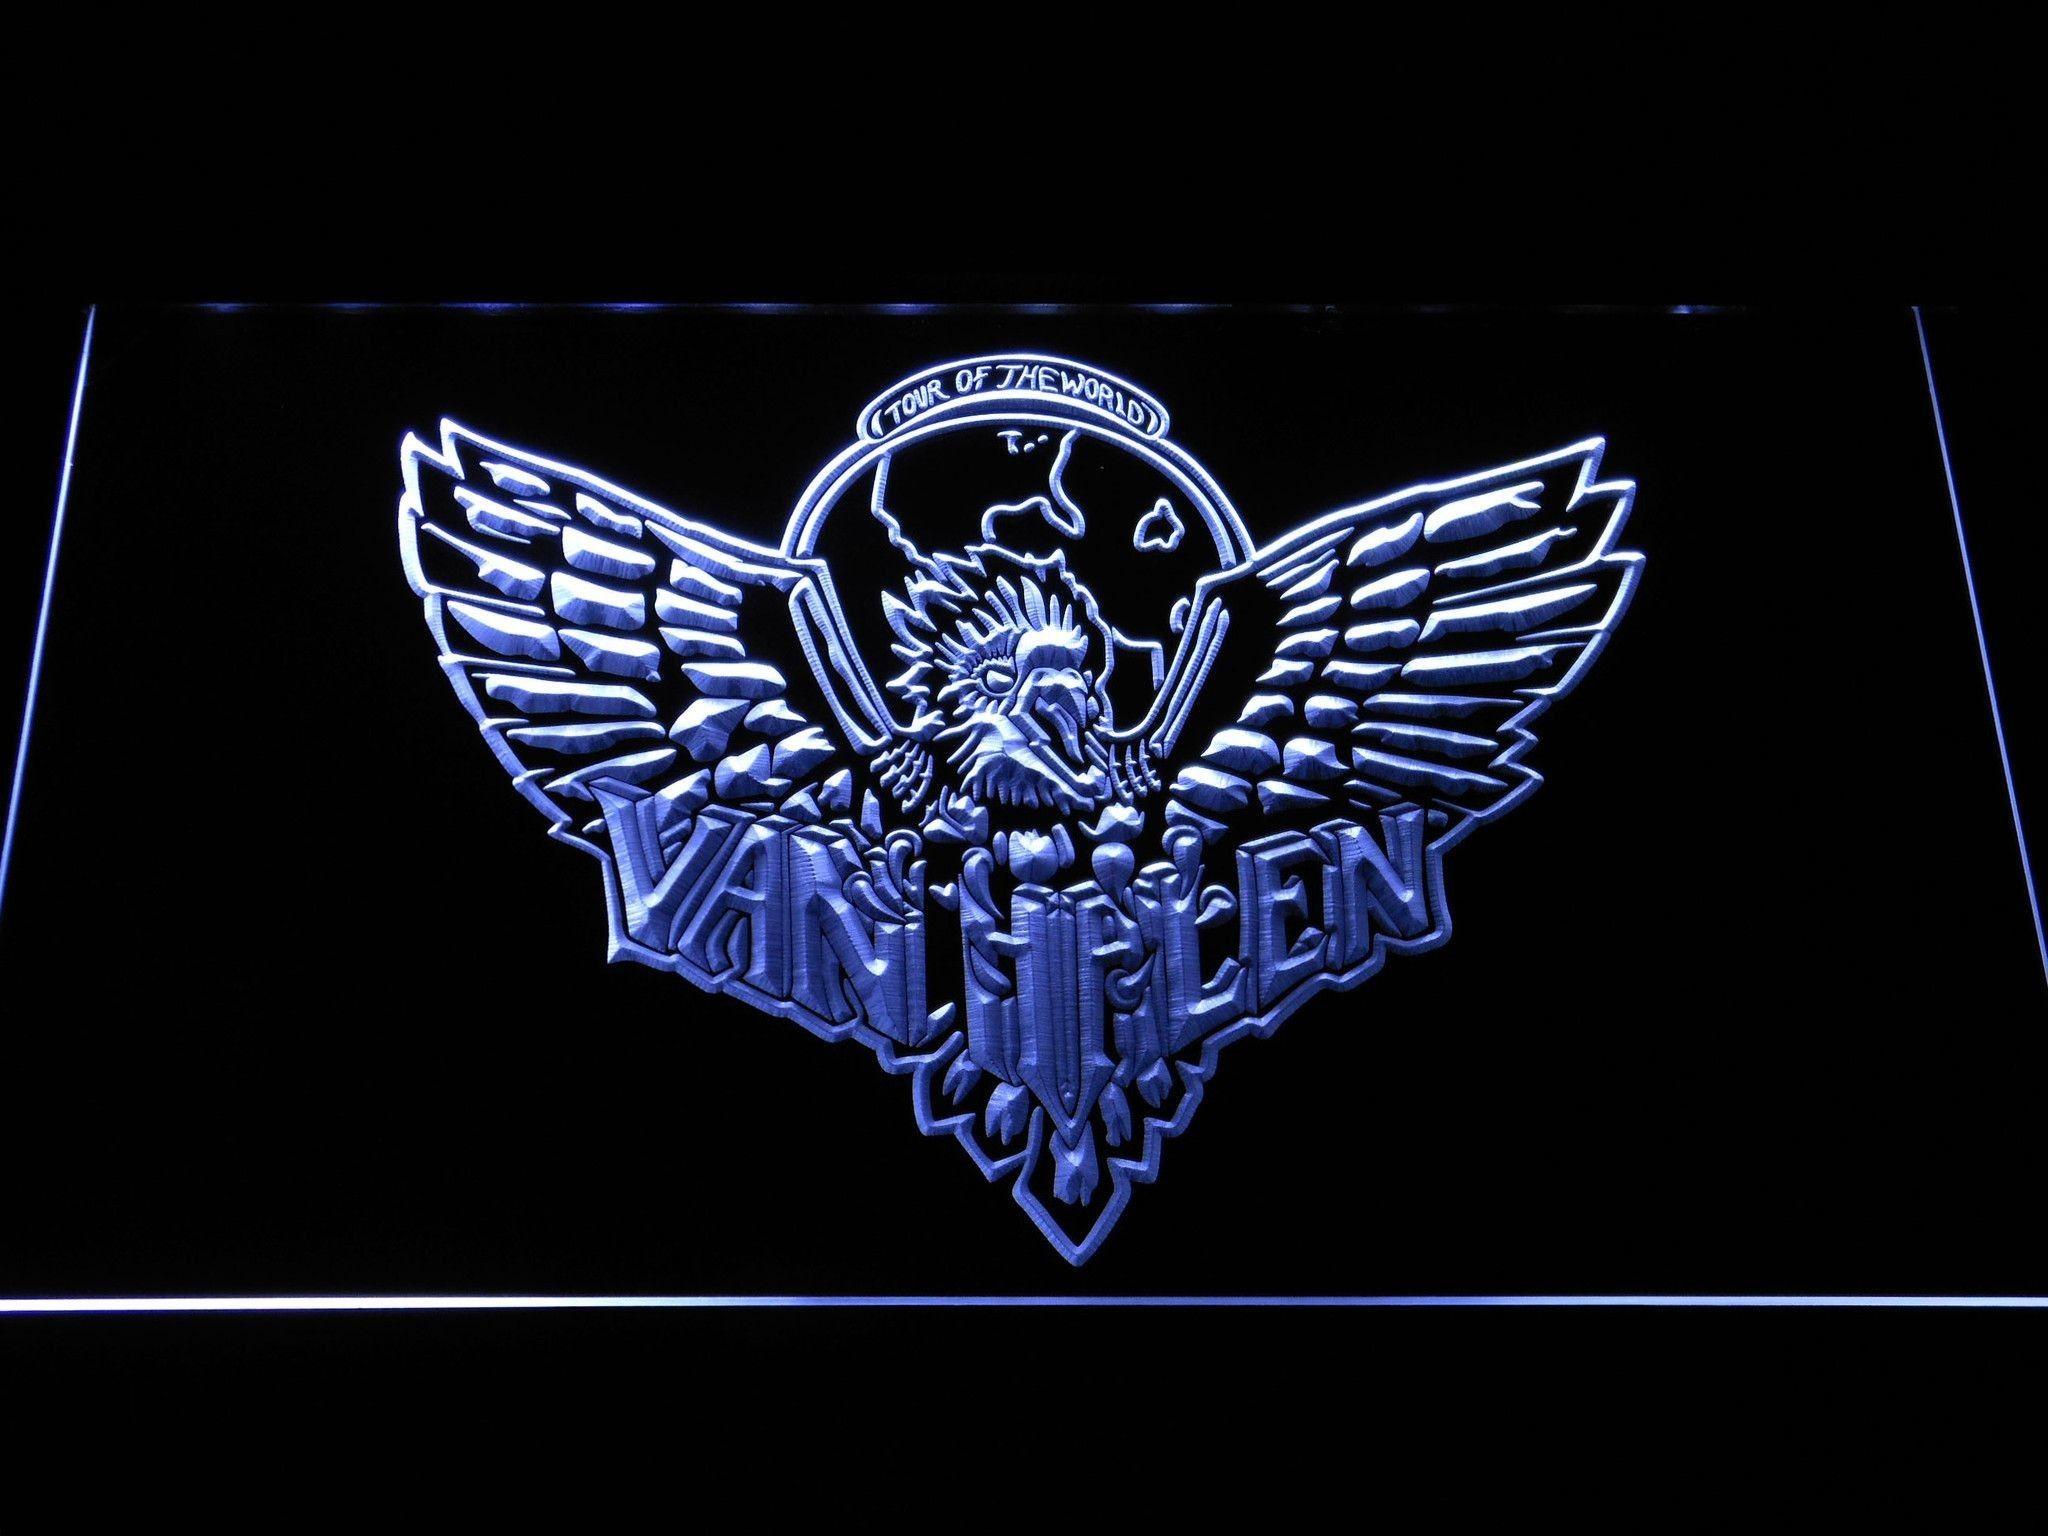 Res: 2048x1536, Van Halen Desktop Wallpaper (56+ images)